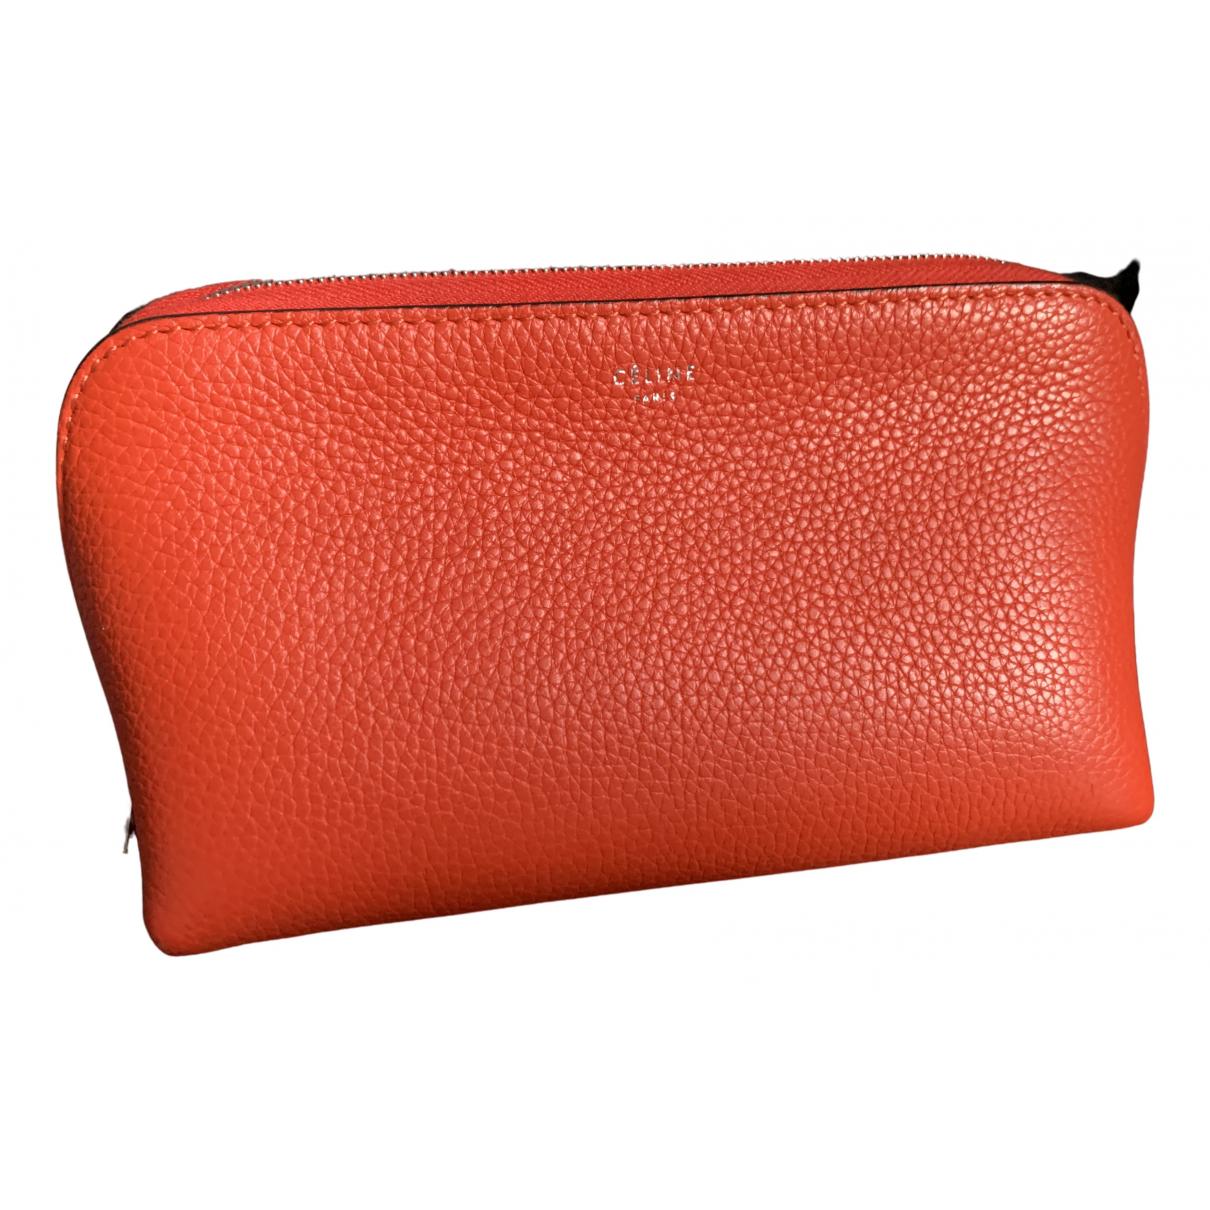 Celine - Sac de voyage   pour femme en cuir - orange